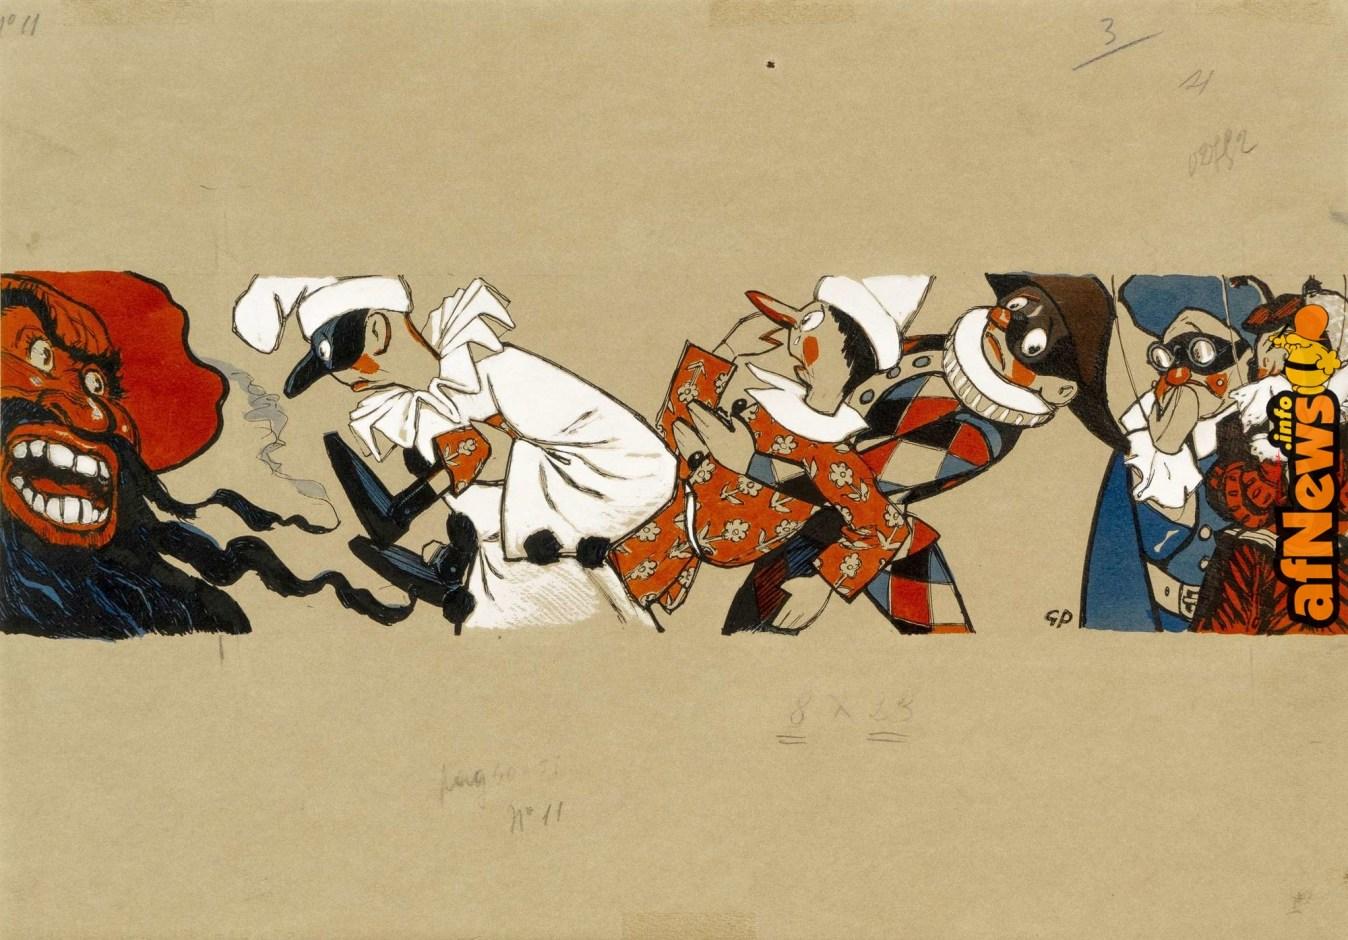 8 - Porcheddu, Pinocchio-afnews